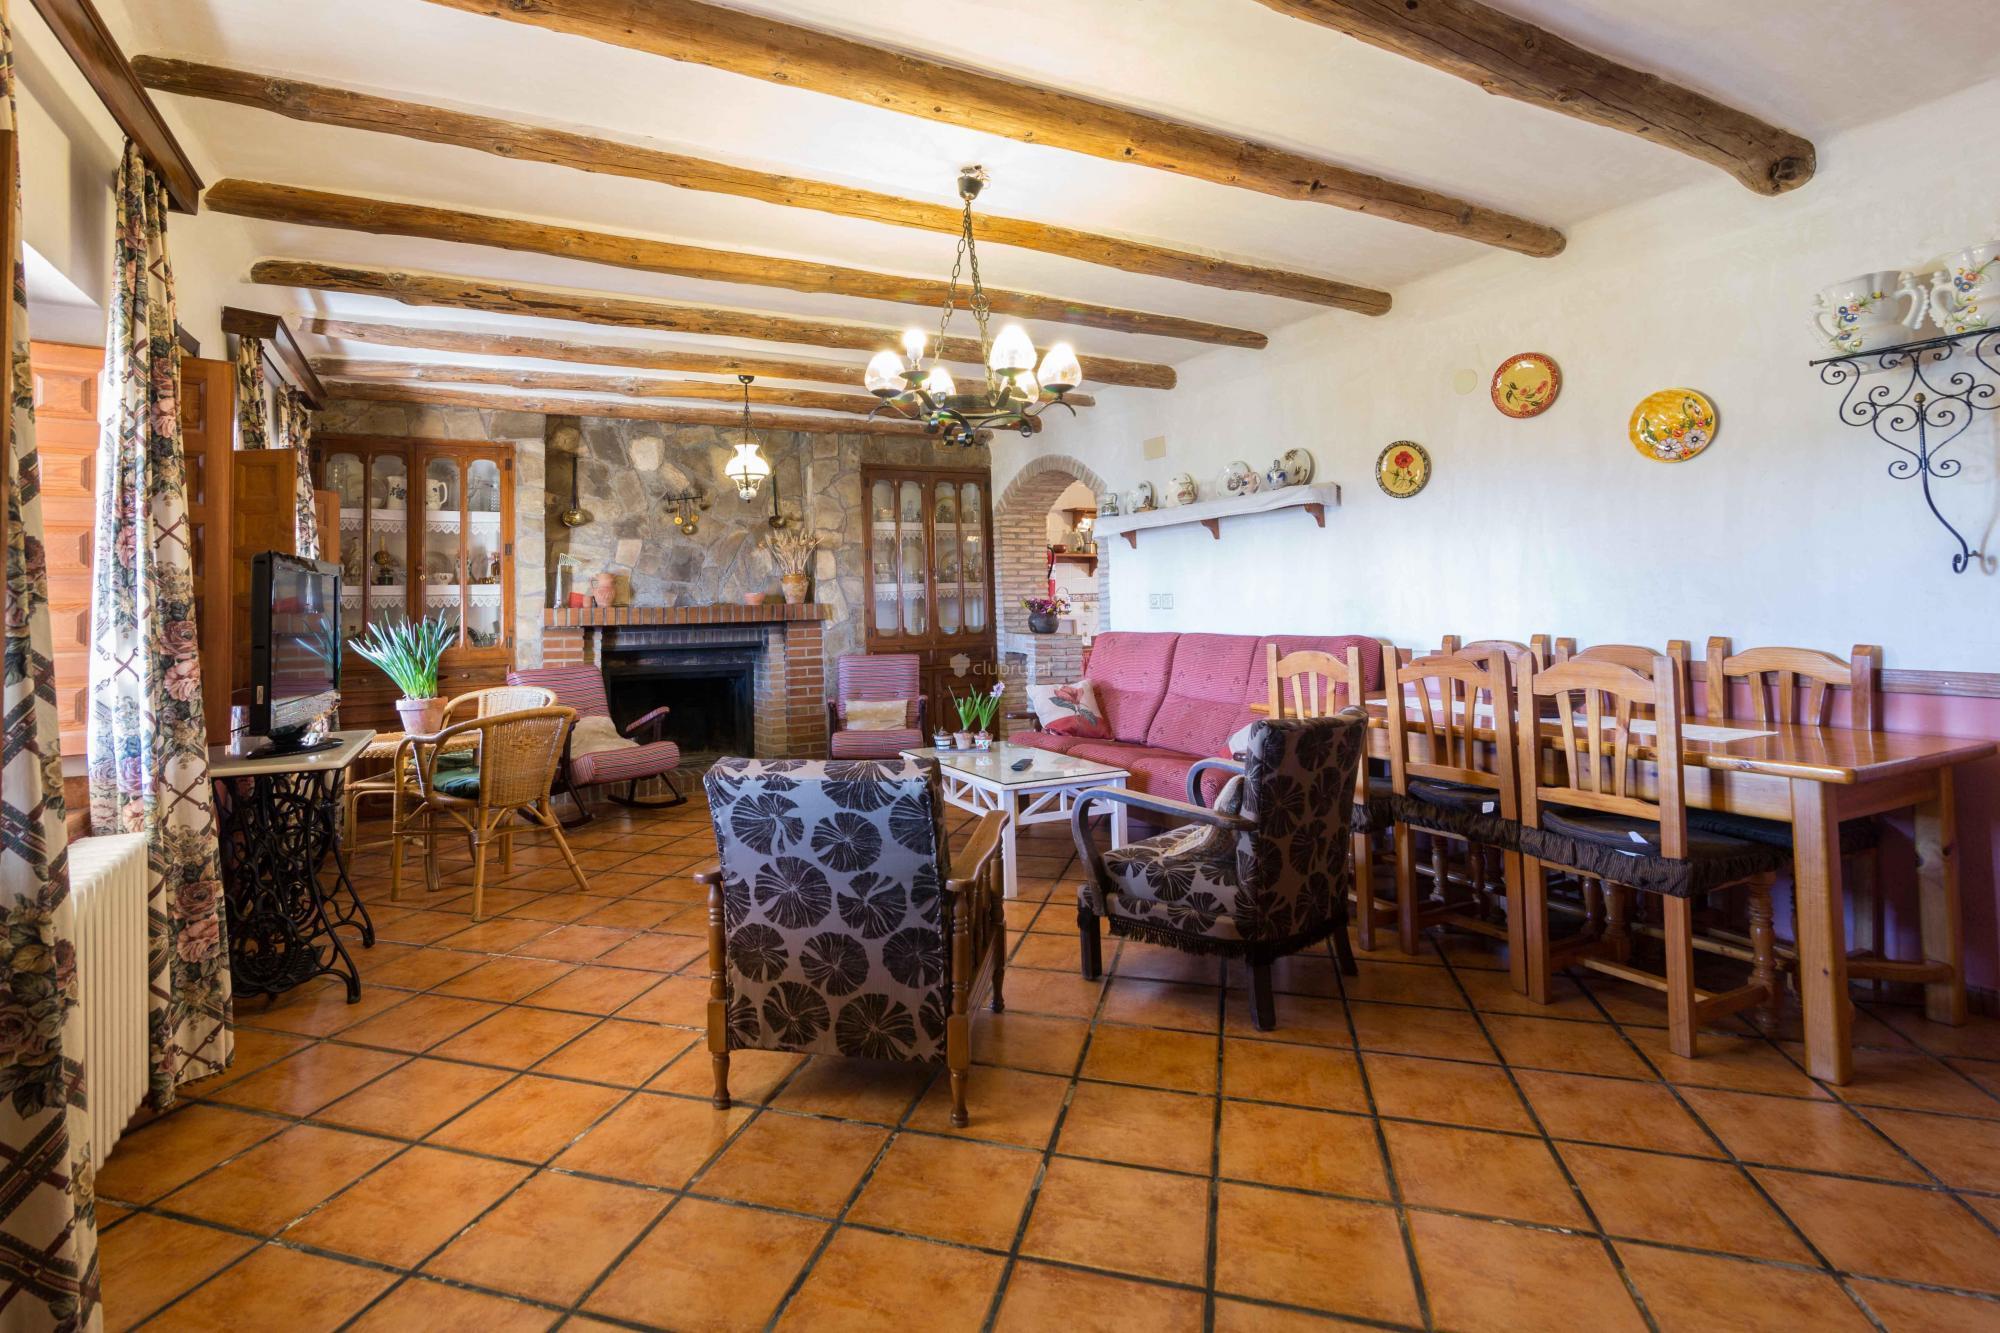 Fotos de casa noguericas i murcia caravaca de la cruz clubrural - Casa rosa murcia ...